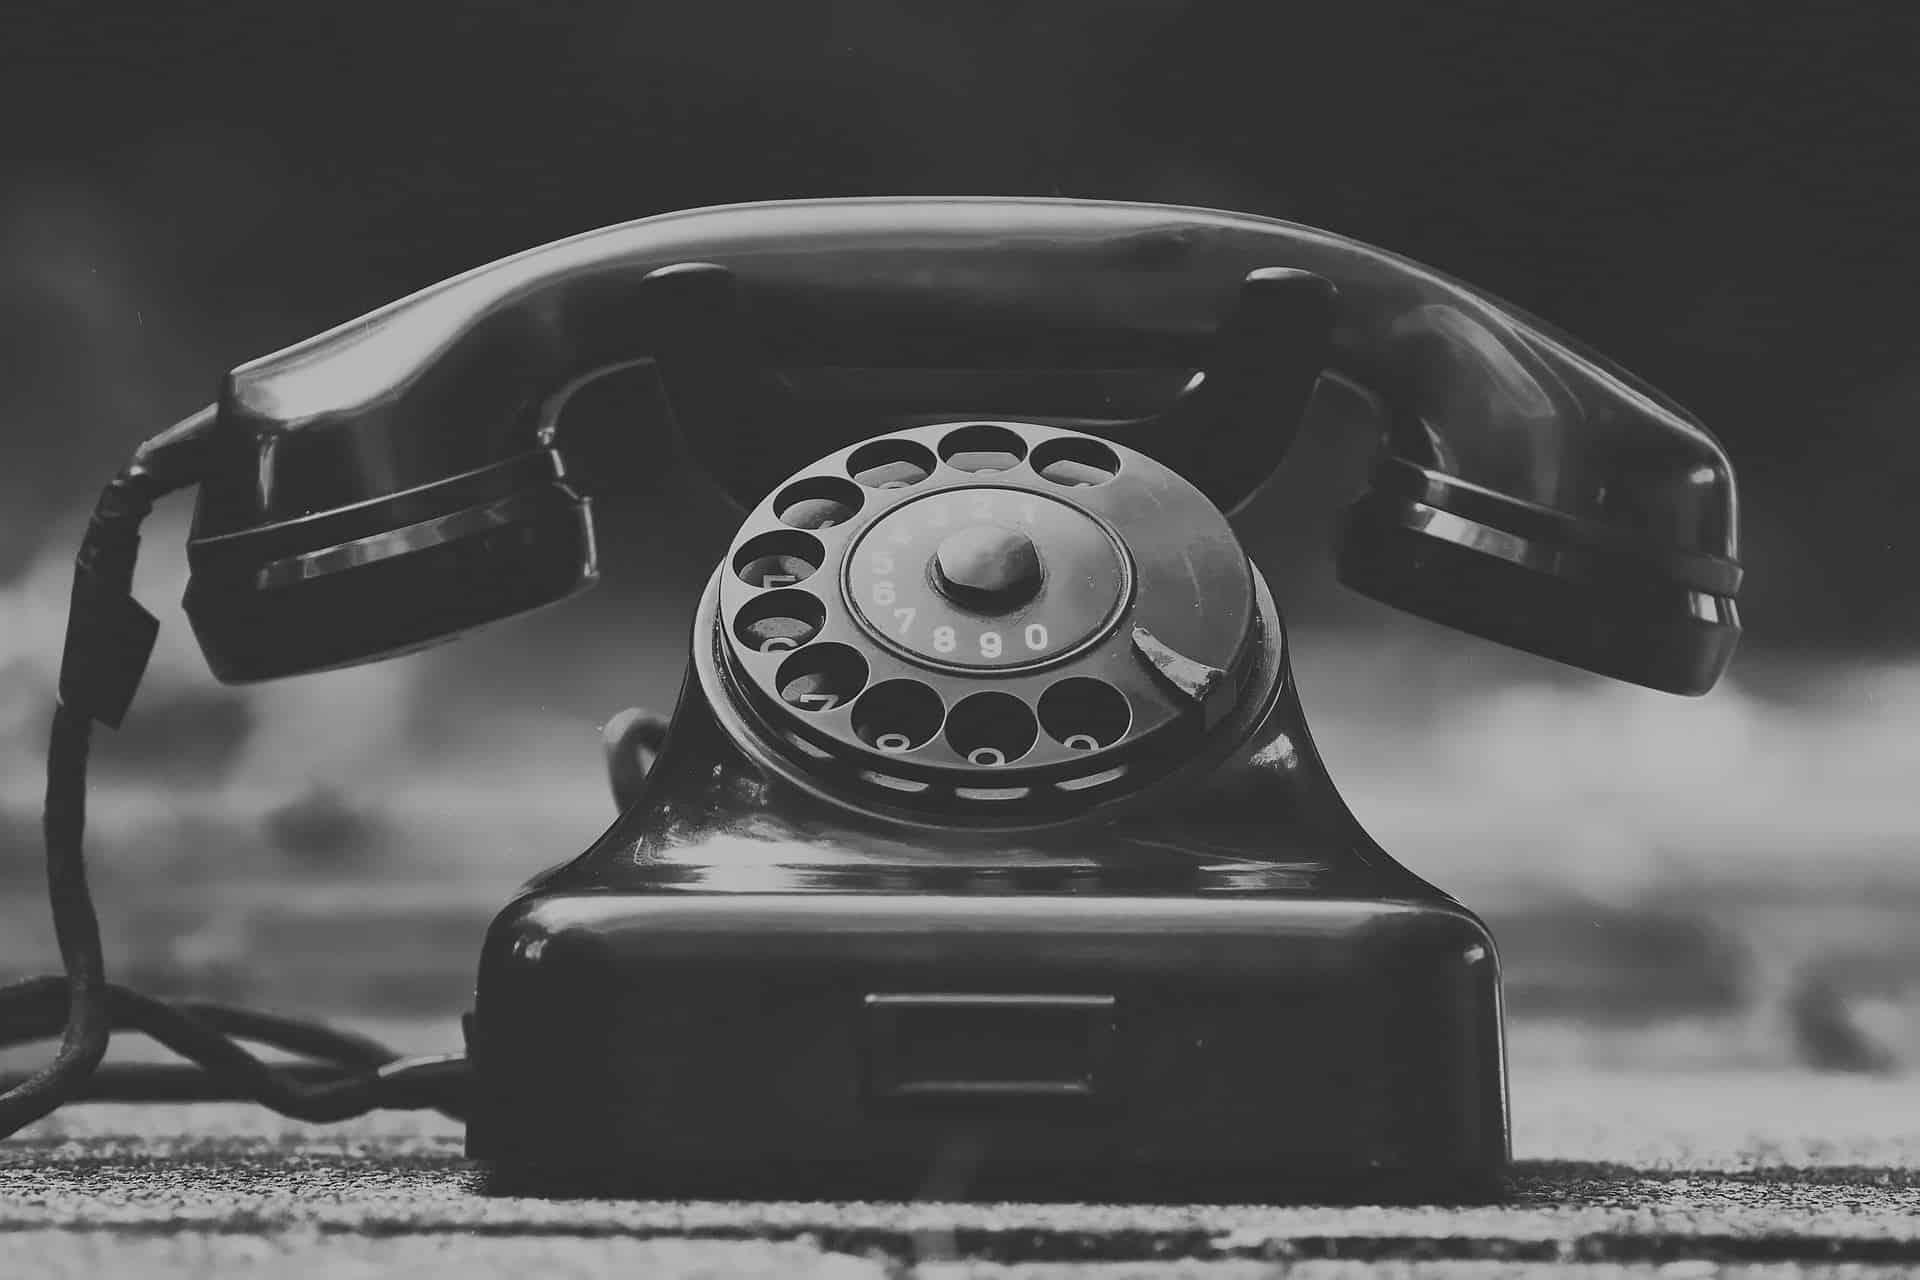 טלפון מחוגה שחור ישן